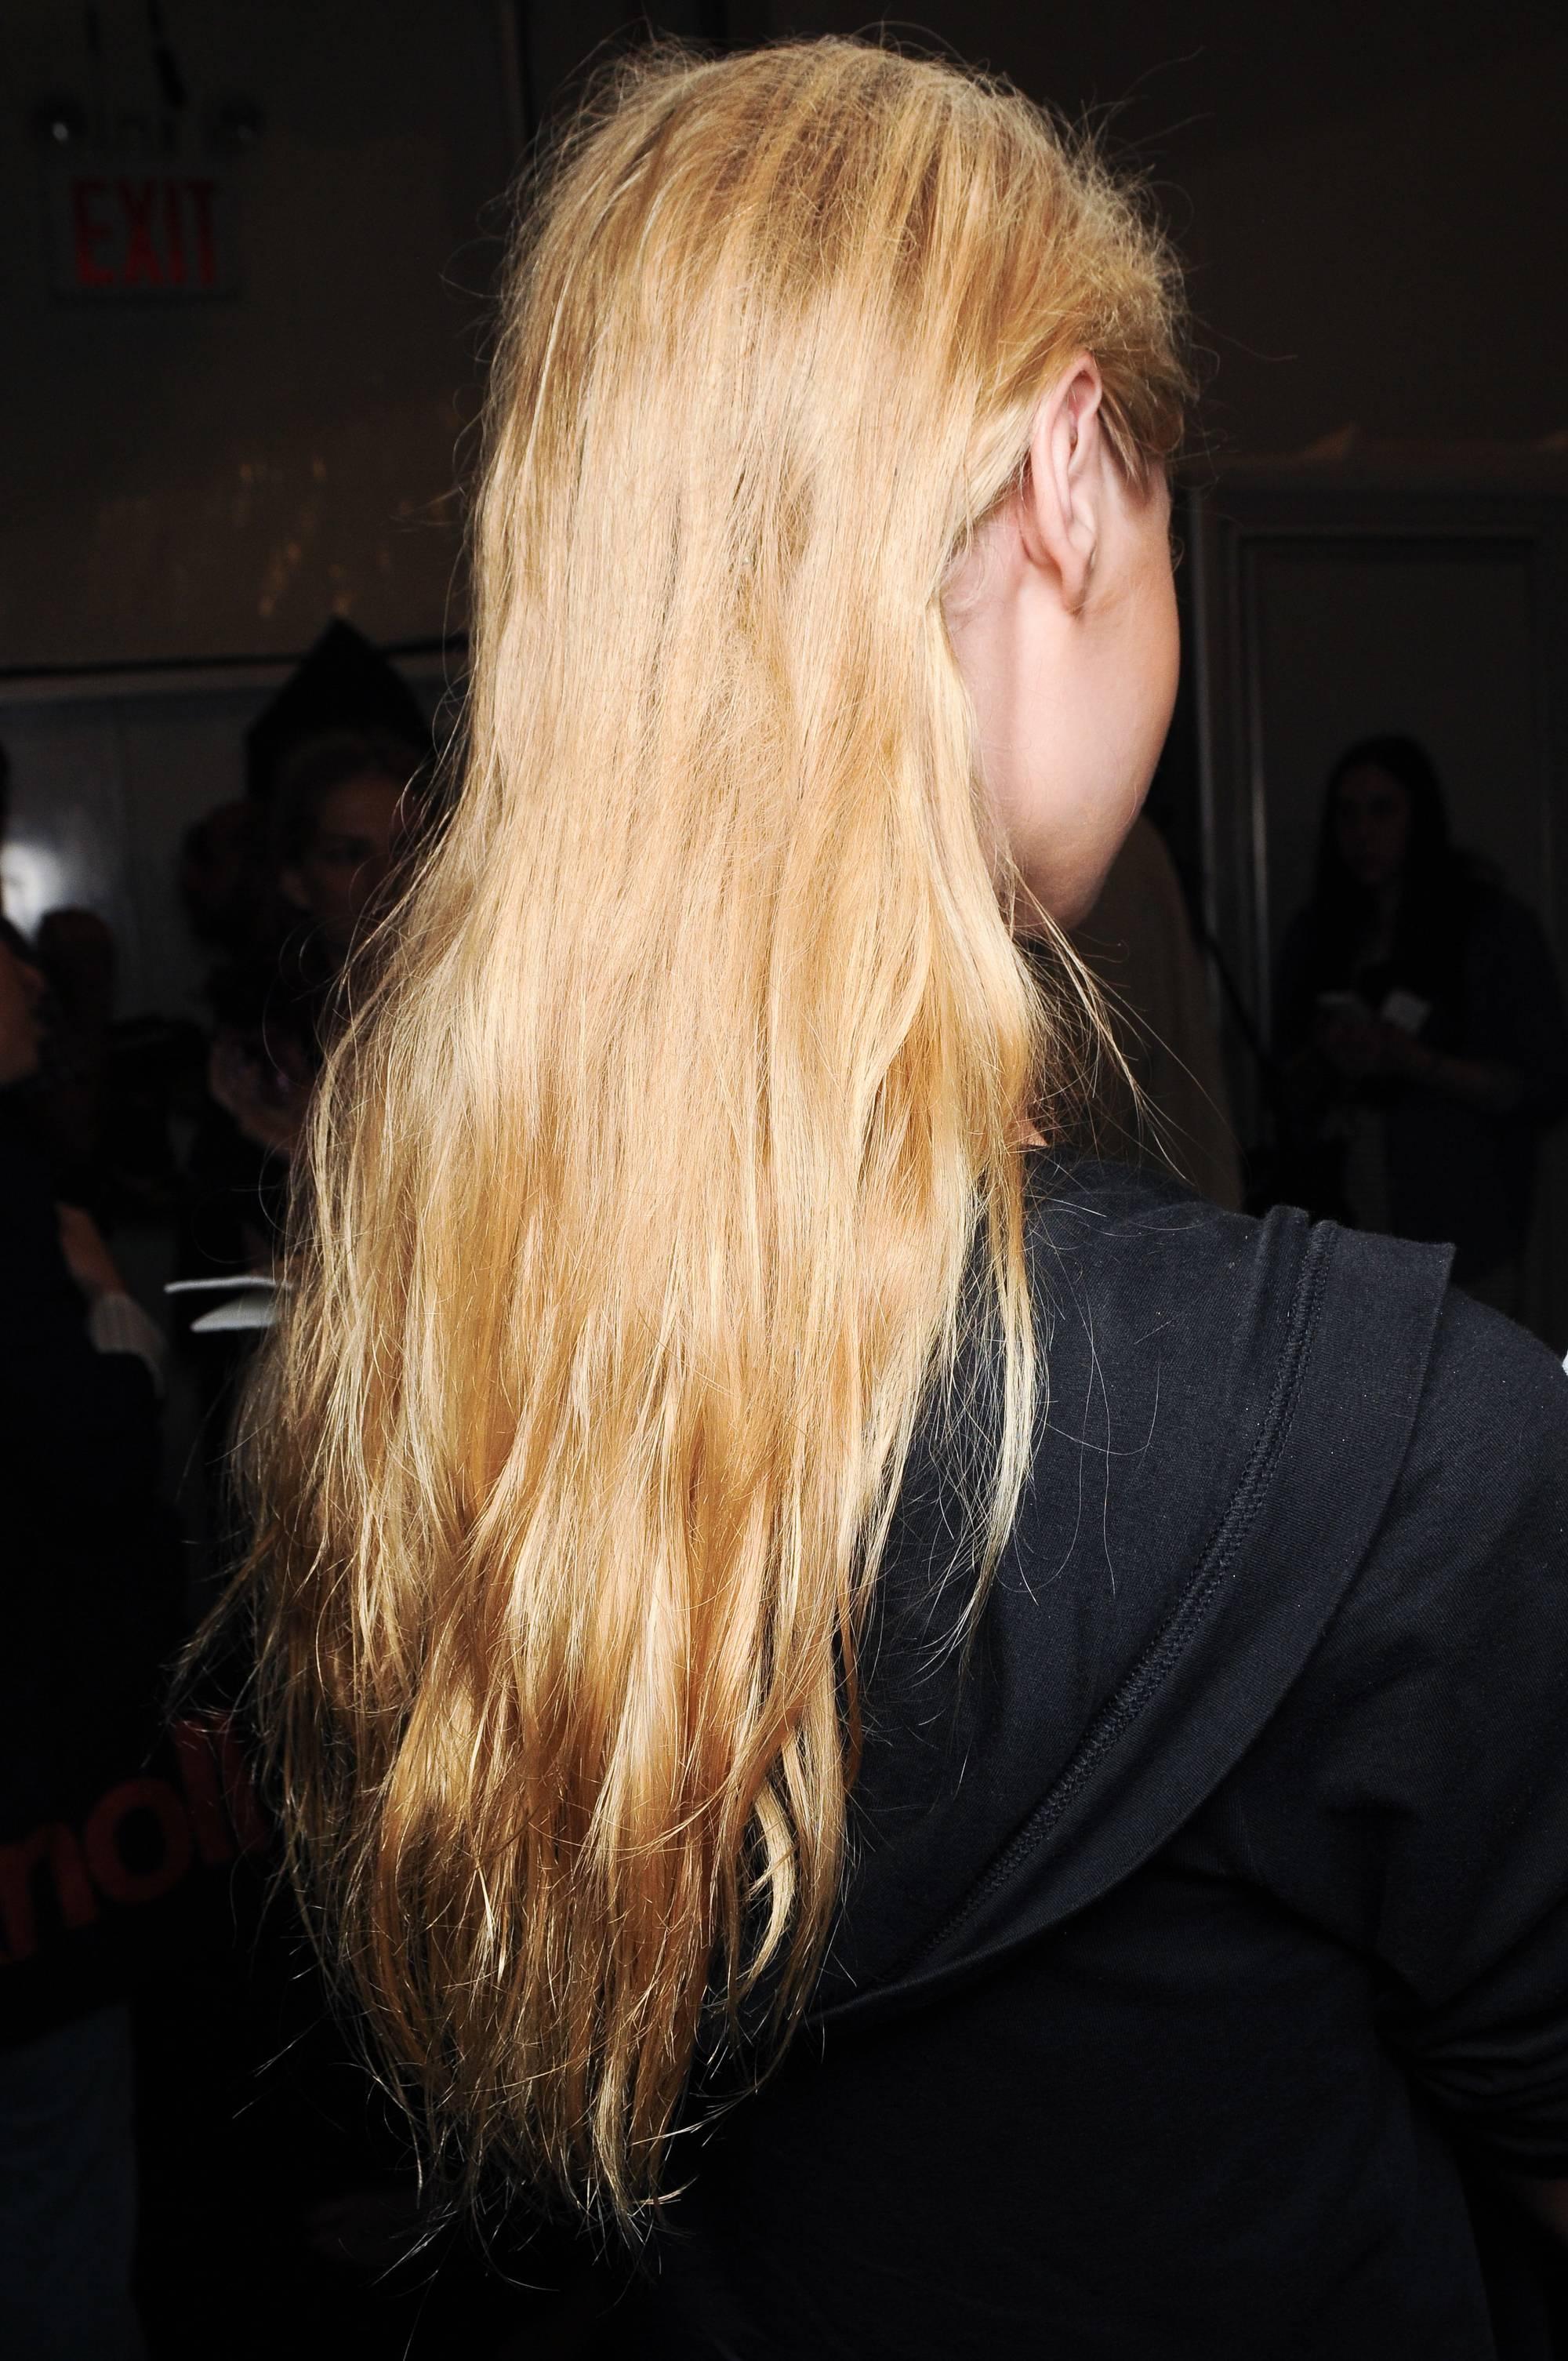 Cheveux cassants : Une fille blonde aux cheveux longs dans les coulisses du SS12 Vera Wang portant un haut noir.